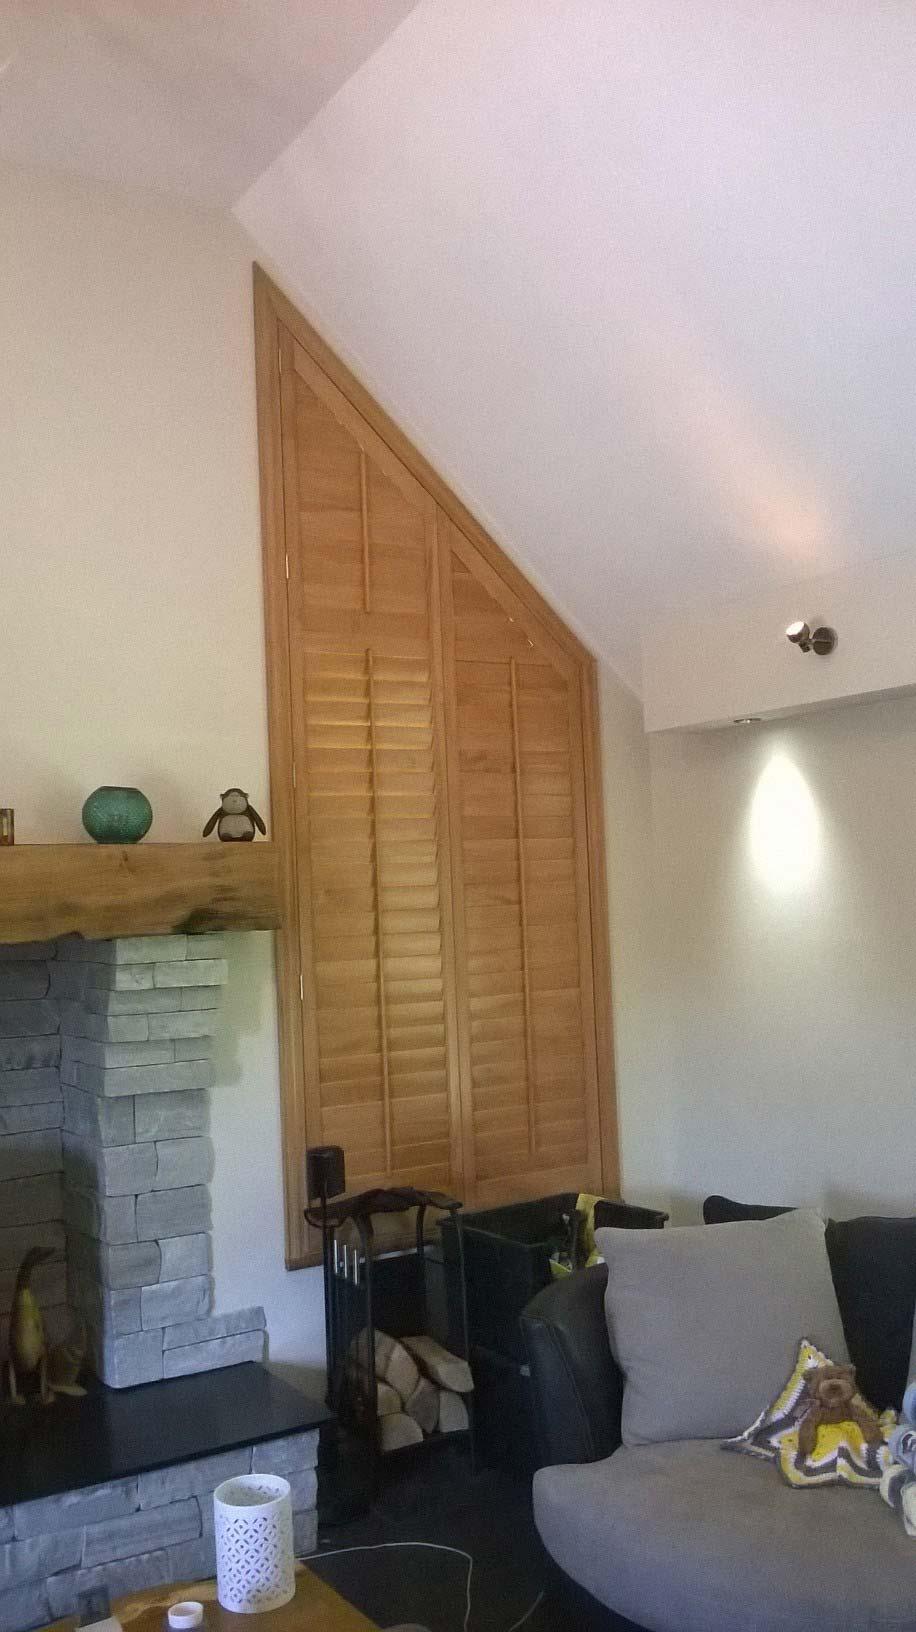 holzjalousie schr g jalousie. Black Bedroom Furniture Sets. Home Design Ideas